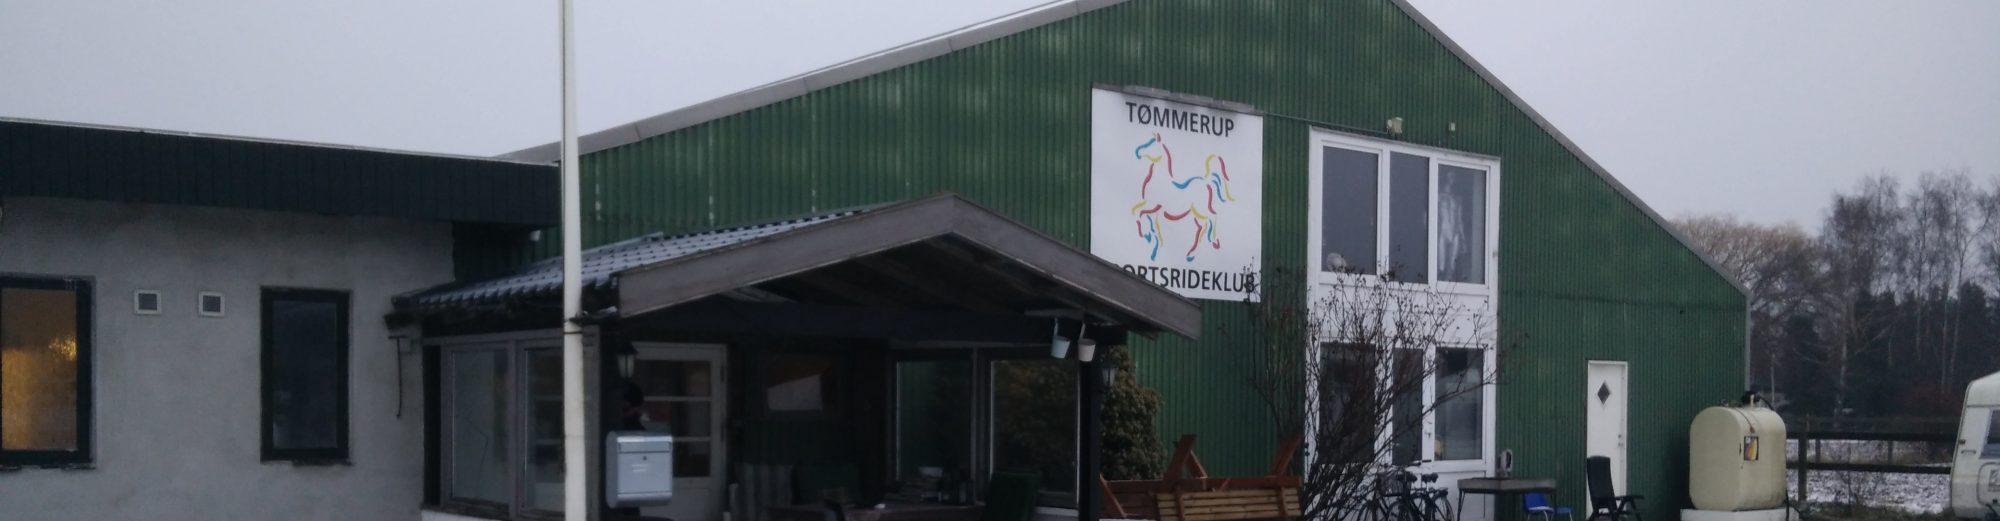 Tømmerup Sportsrideklub